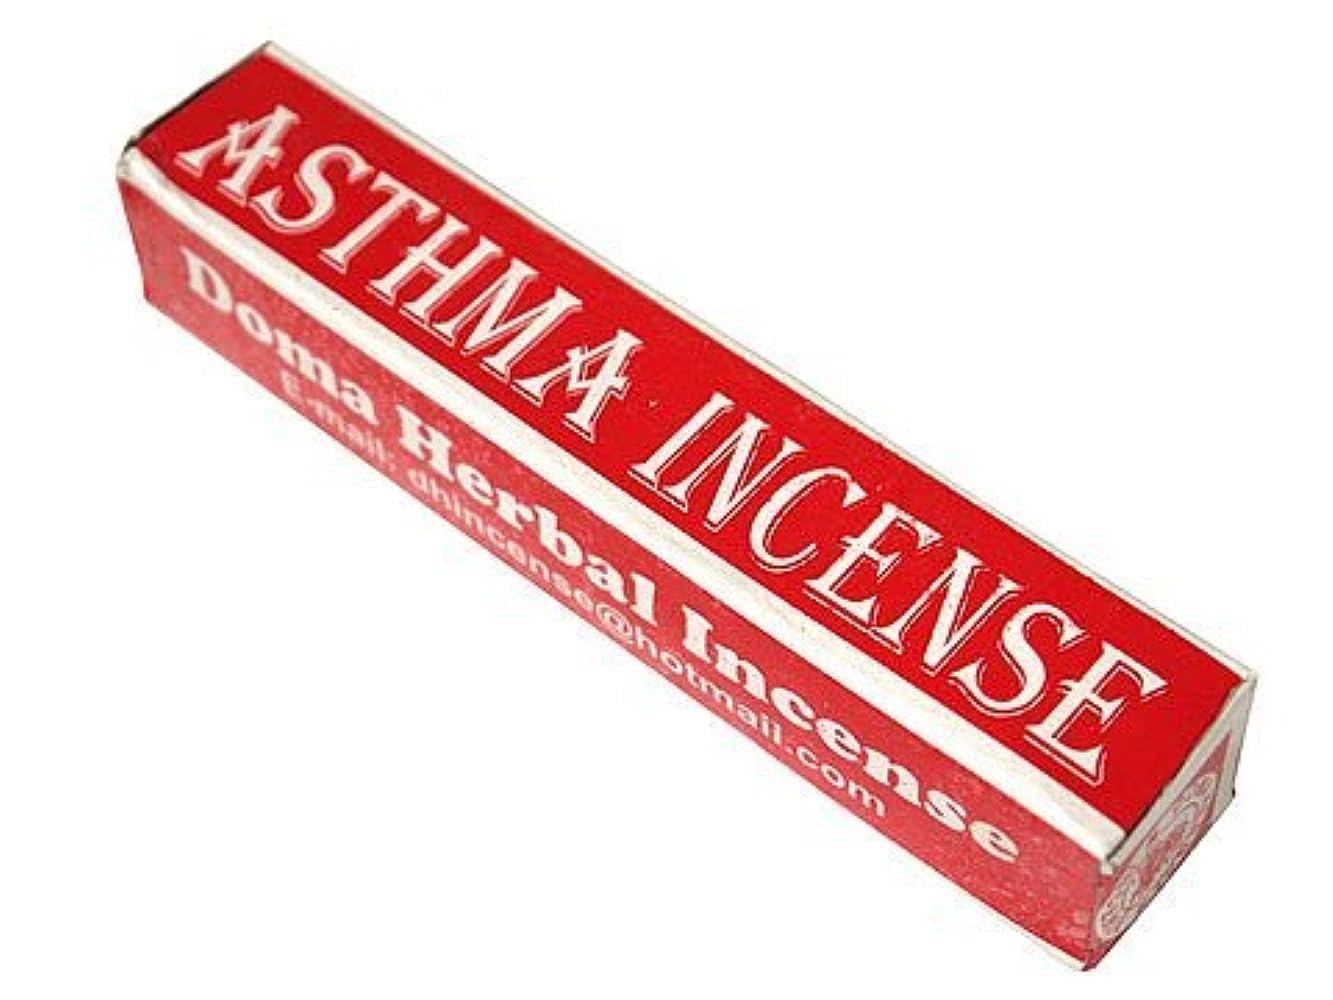 実用的国旗対応するドマハーバルインセンス Doma Herbal Incense【ASTHMA アスタマ】